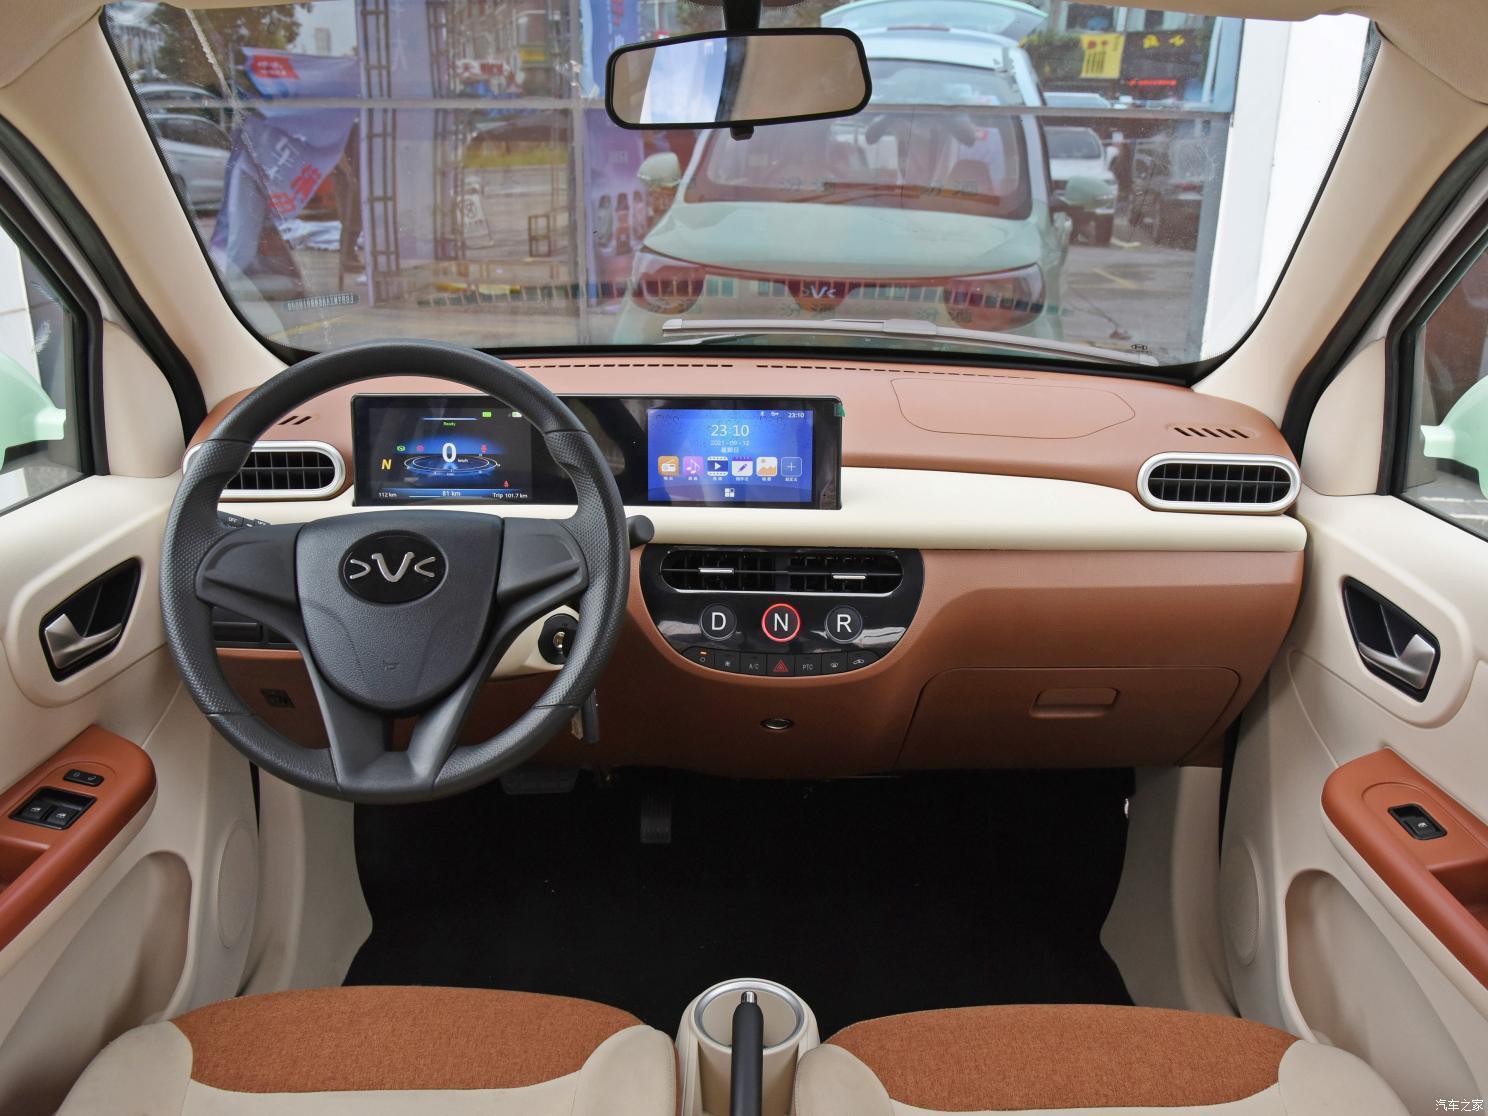 На торпеді розташували LCD-панель з двома екранами в загальному корпусі, а кнопки управління режимами водіння розташовані на центральній консолі